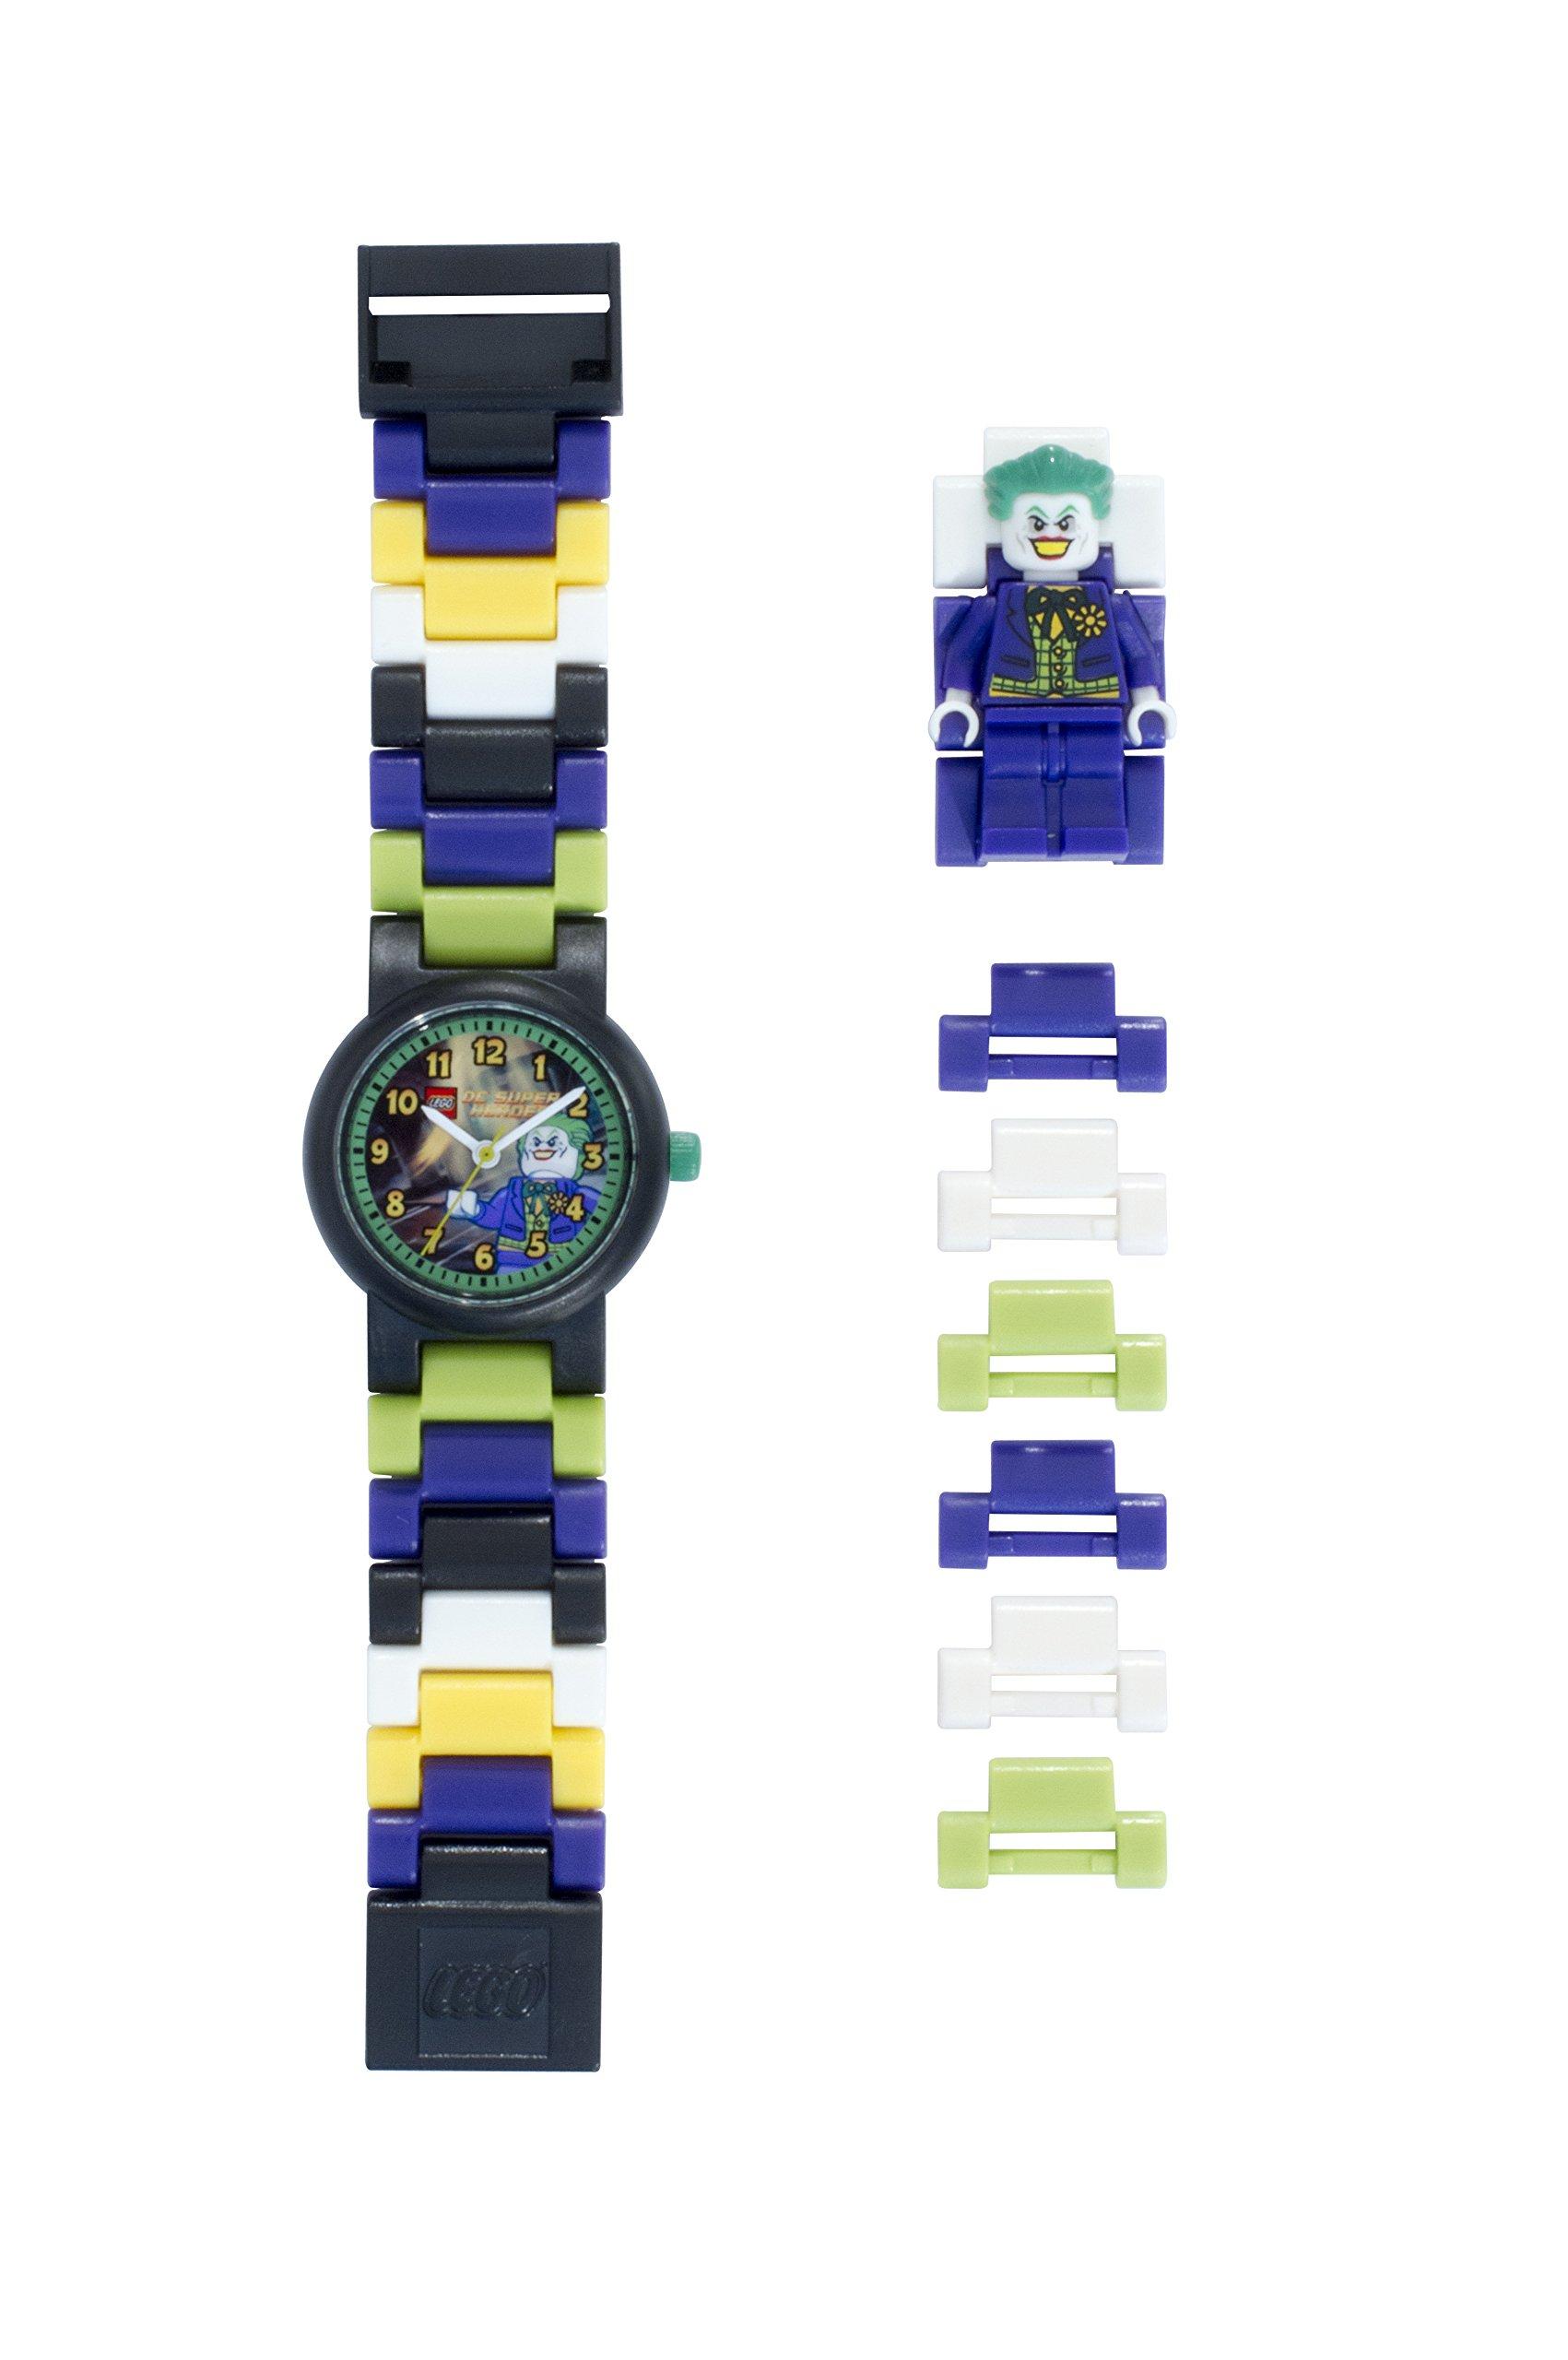 LEGO Batman Movie 9001239 Joker Kinder-Armbanduhr mit Minifigur und Gliederarmband zum Zusammenbauen| violett/grün| Kunststoff| Gehäusedurchmesser 25mm| analoge Quarzuhr| Junge/Mädchen| offiziell